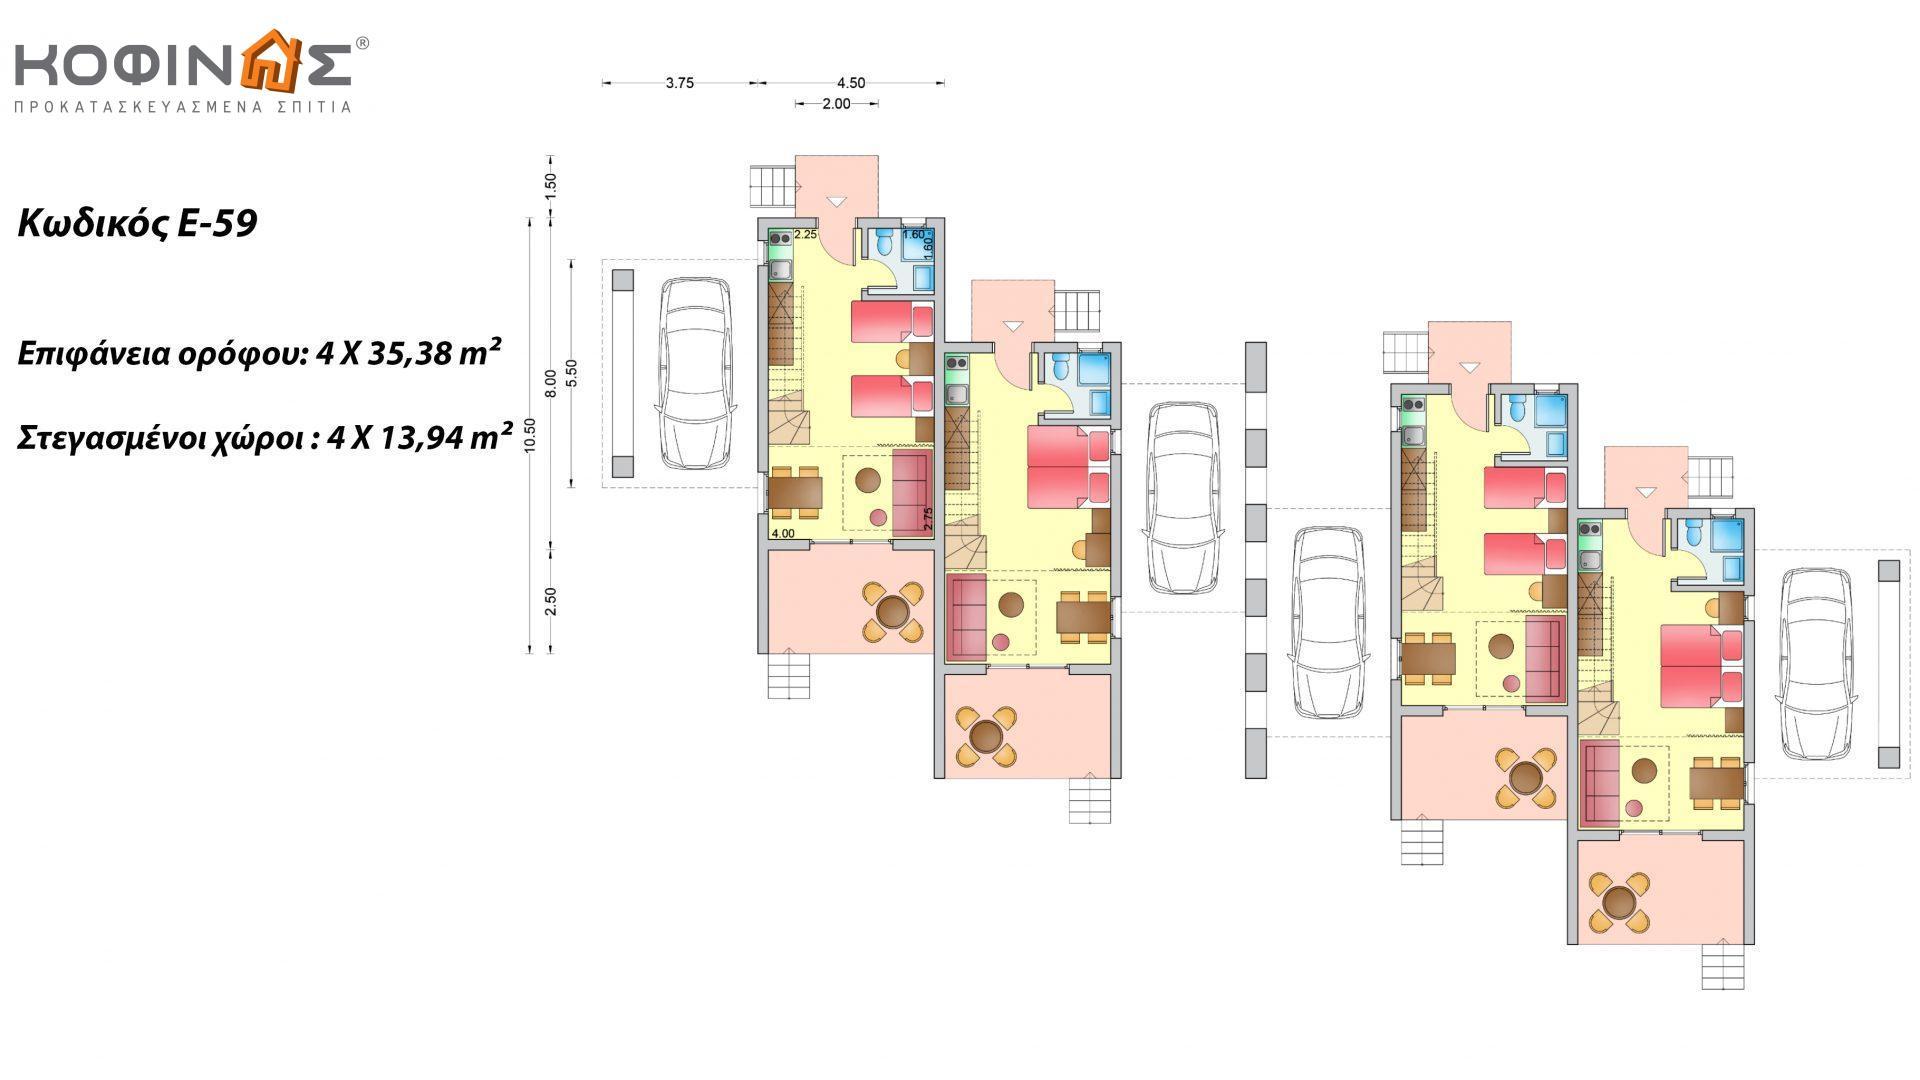 Συγκρότημα Κατοικιών E-59, συνολικής επιφάνειας 4 x 59,82 = 239,28 τ.μ., συνολική επιφάνεια στεγασμένων χώρων 67,76 τ.μ.